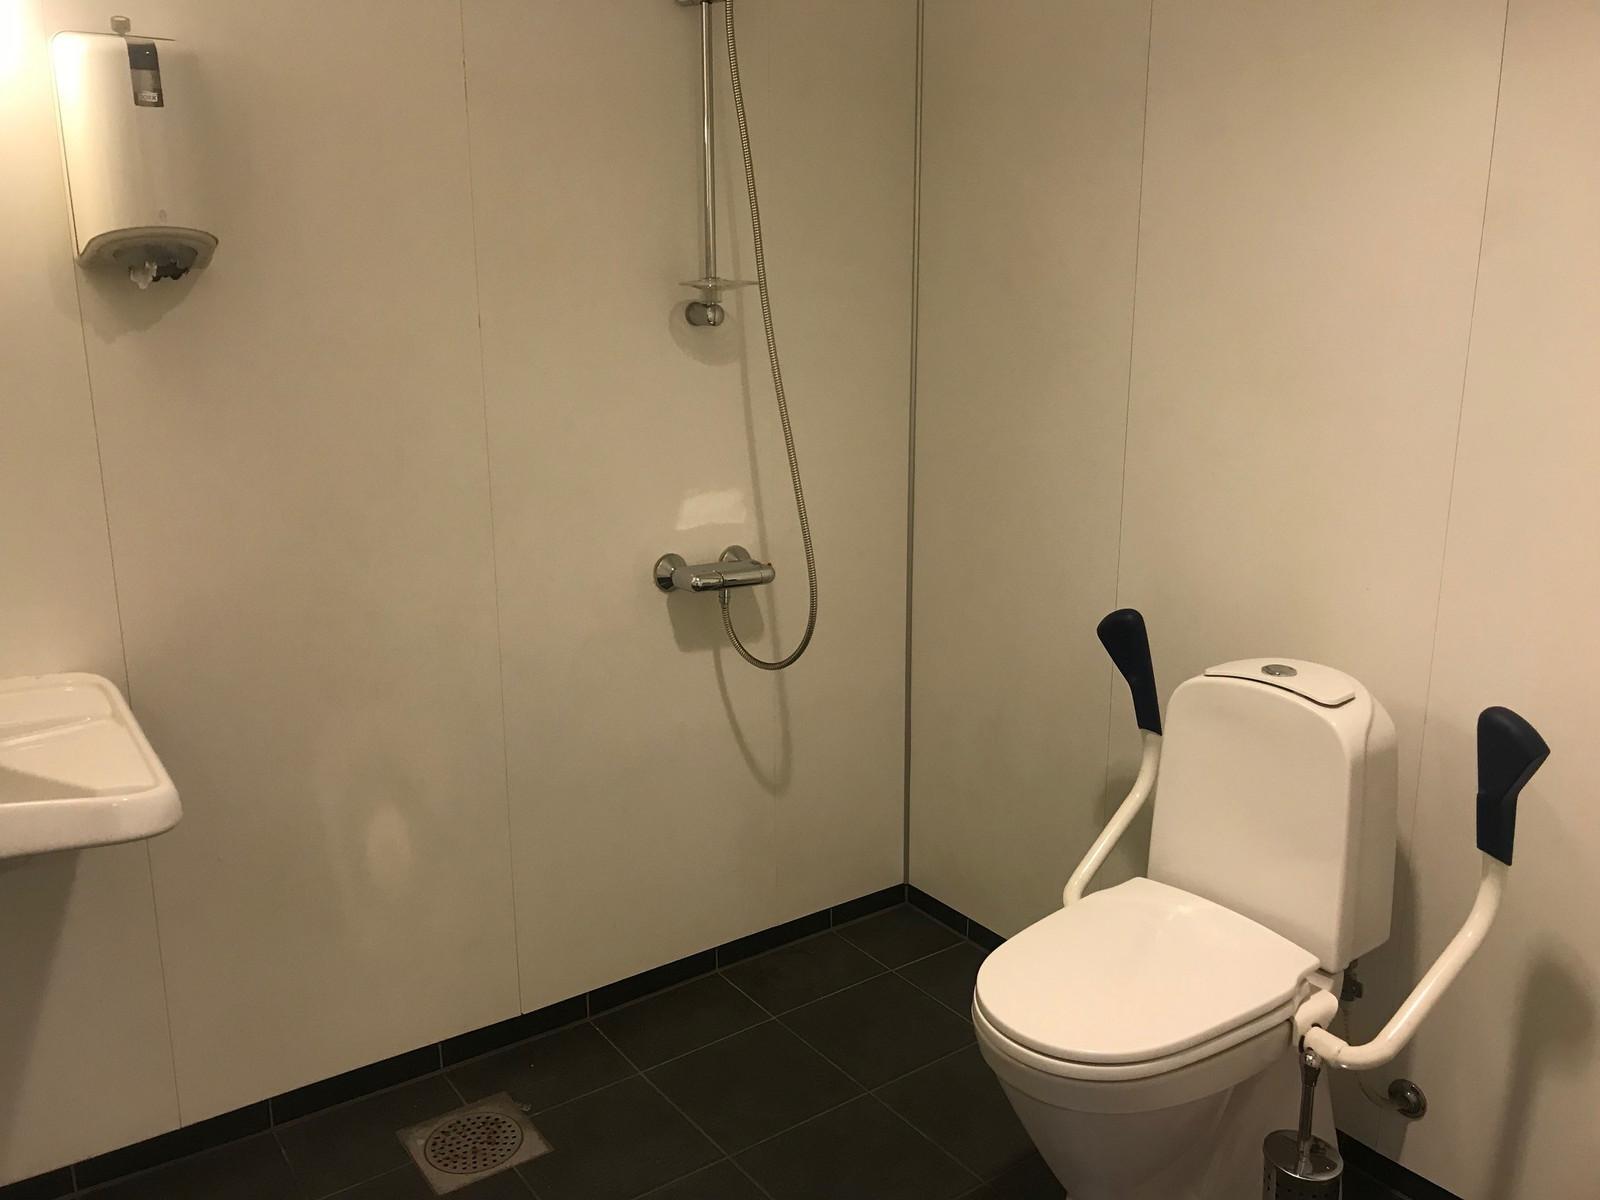 Toalett og dusj